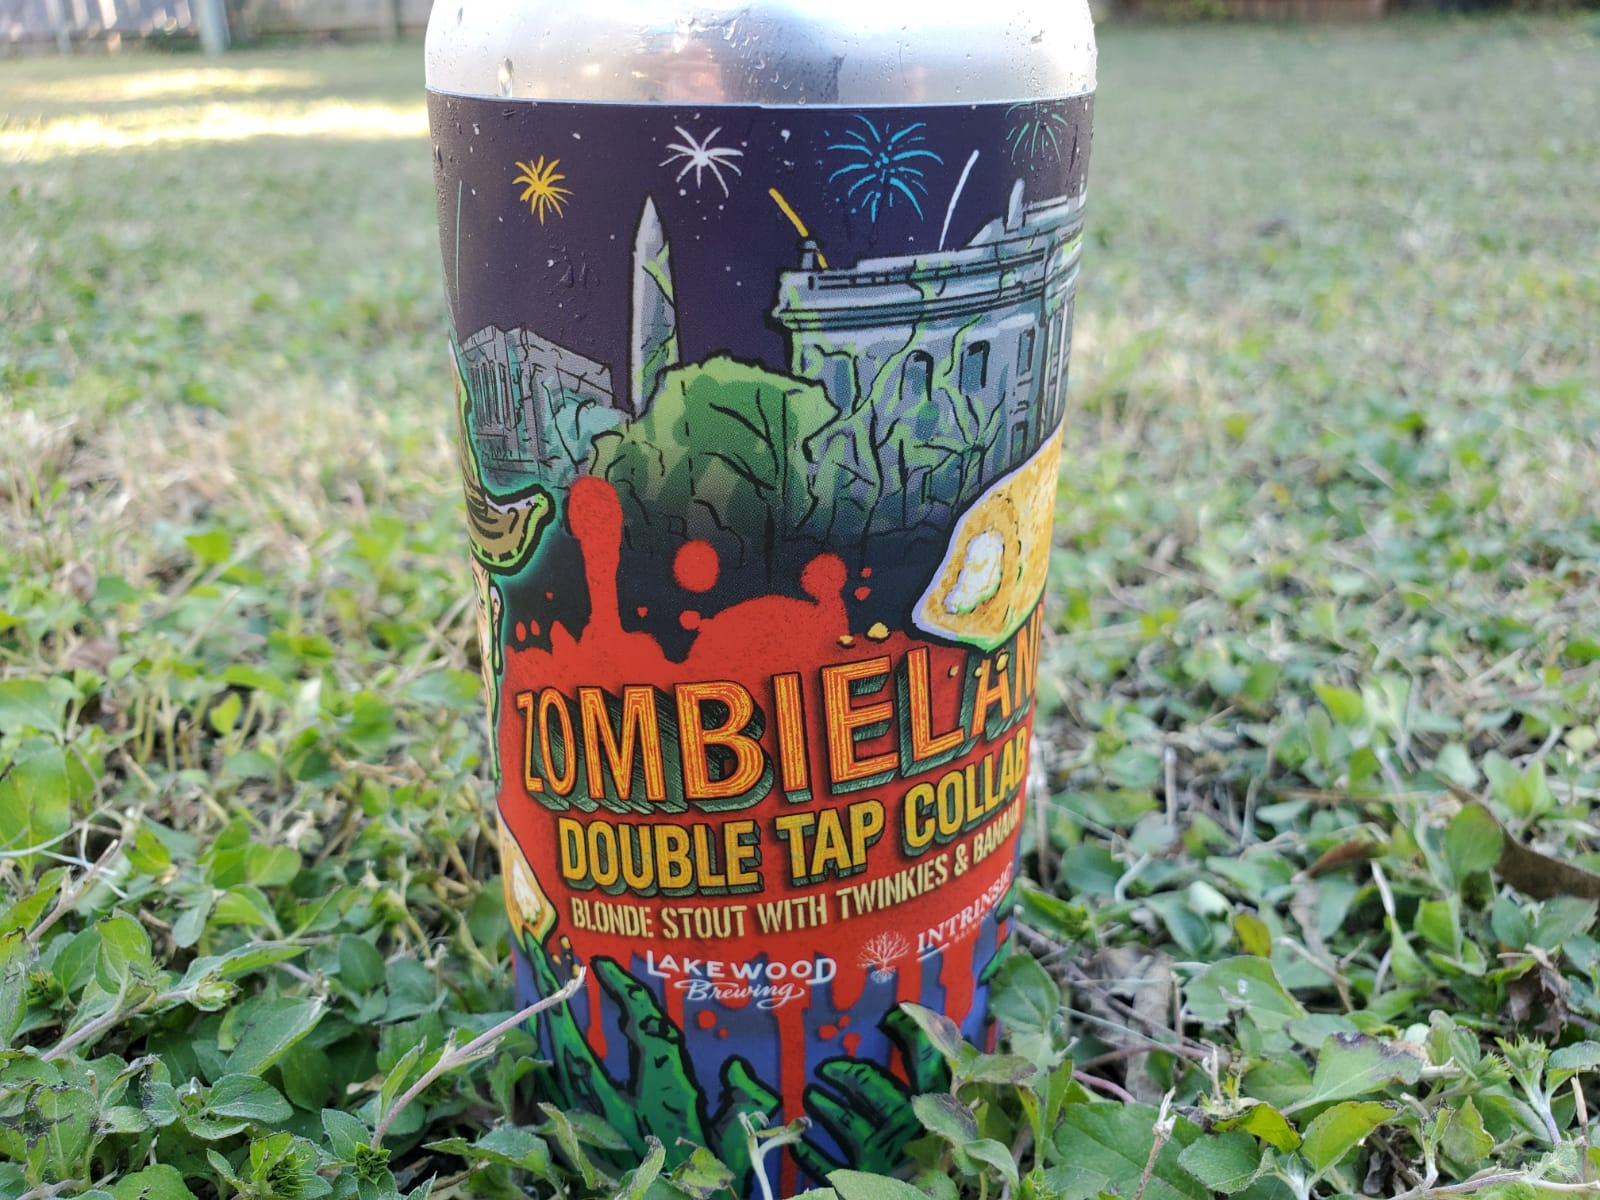 Zombieland Double Tap Blonde Stout